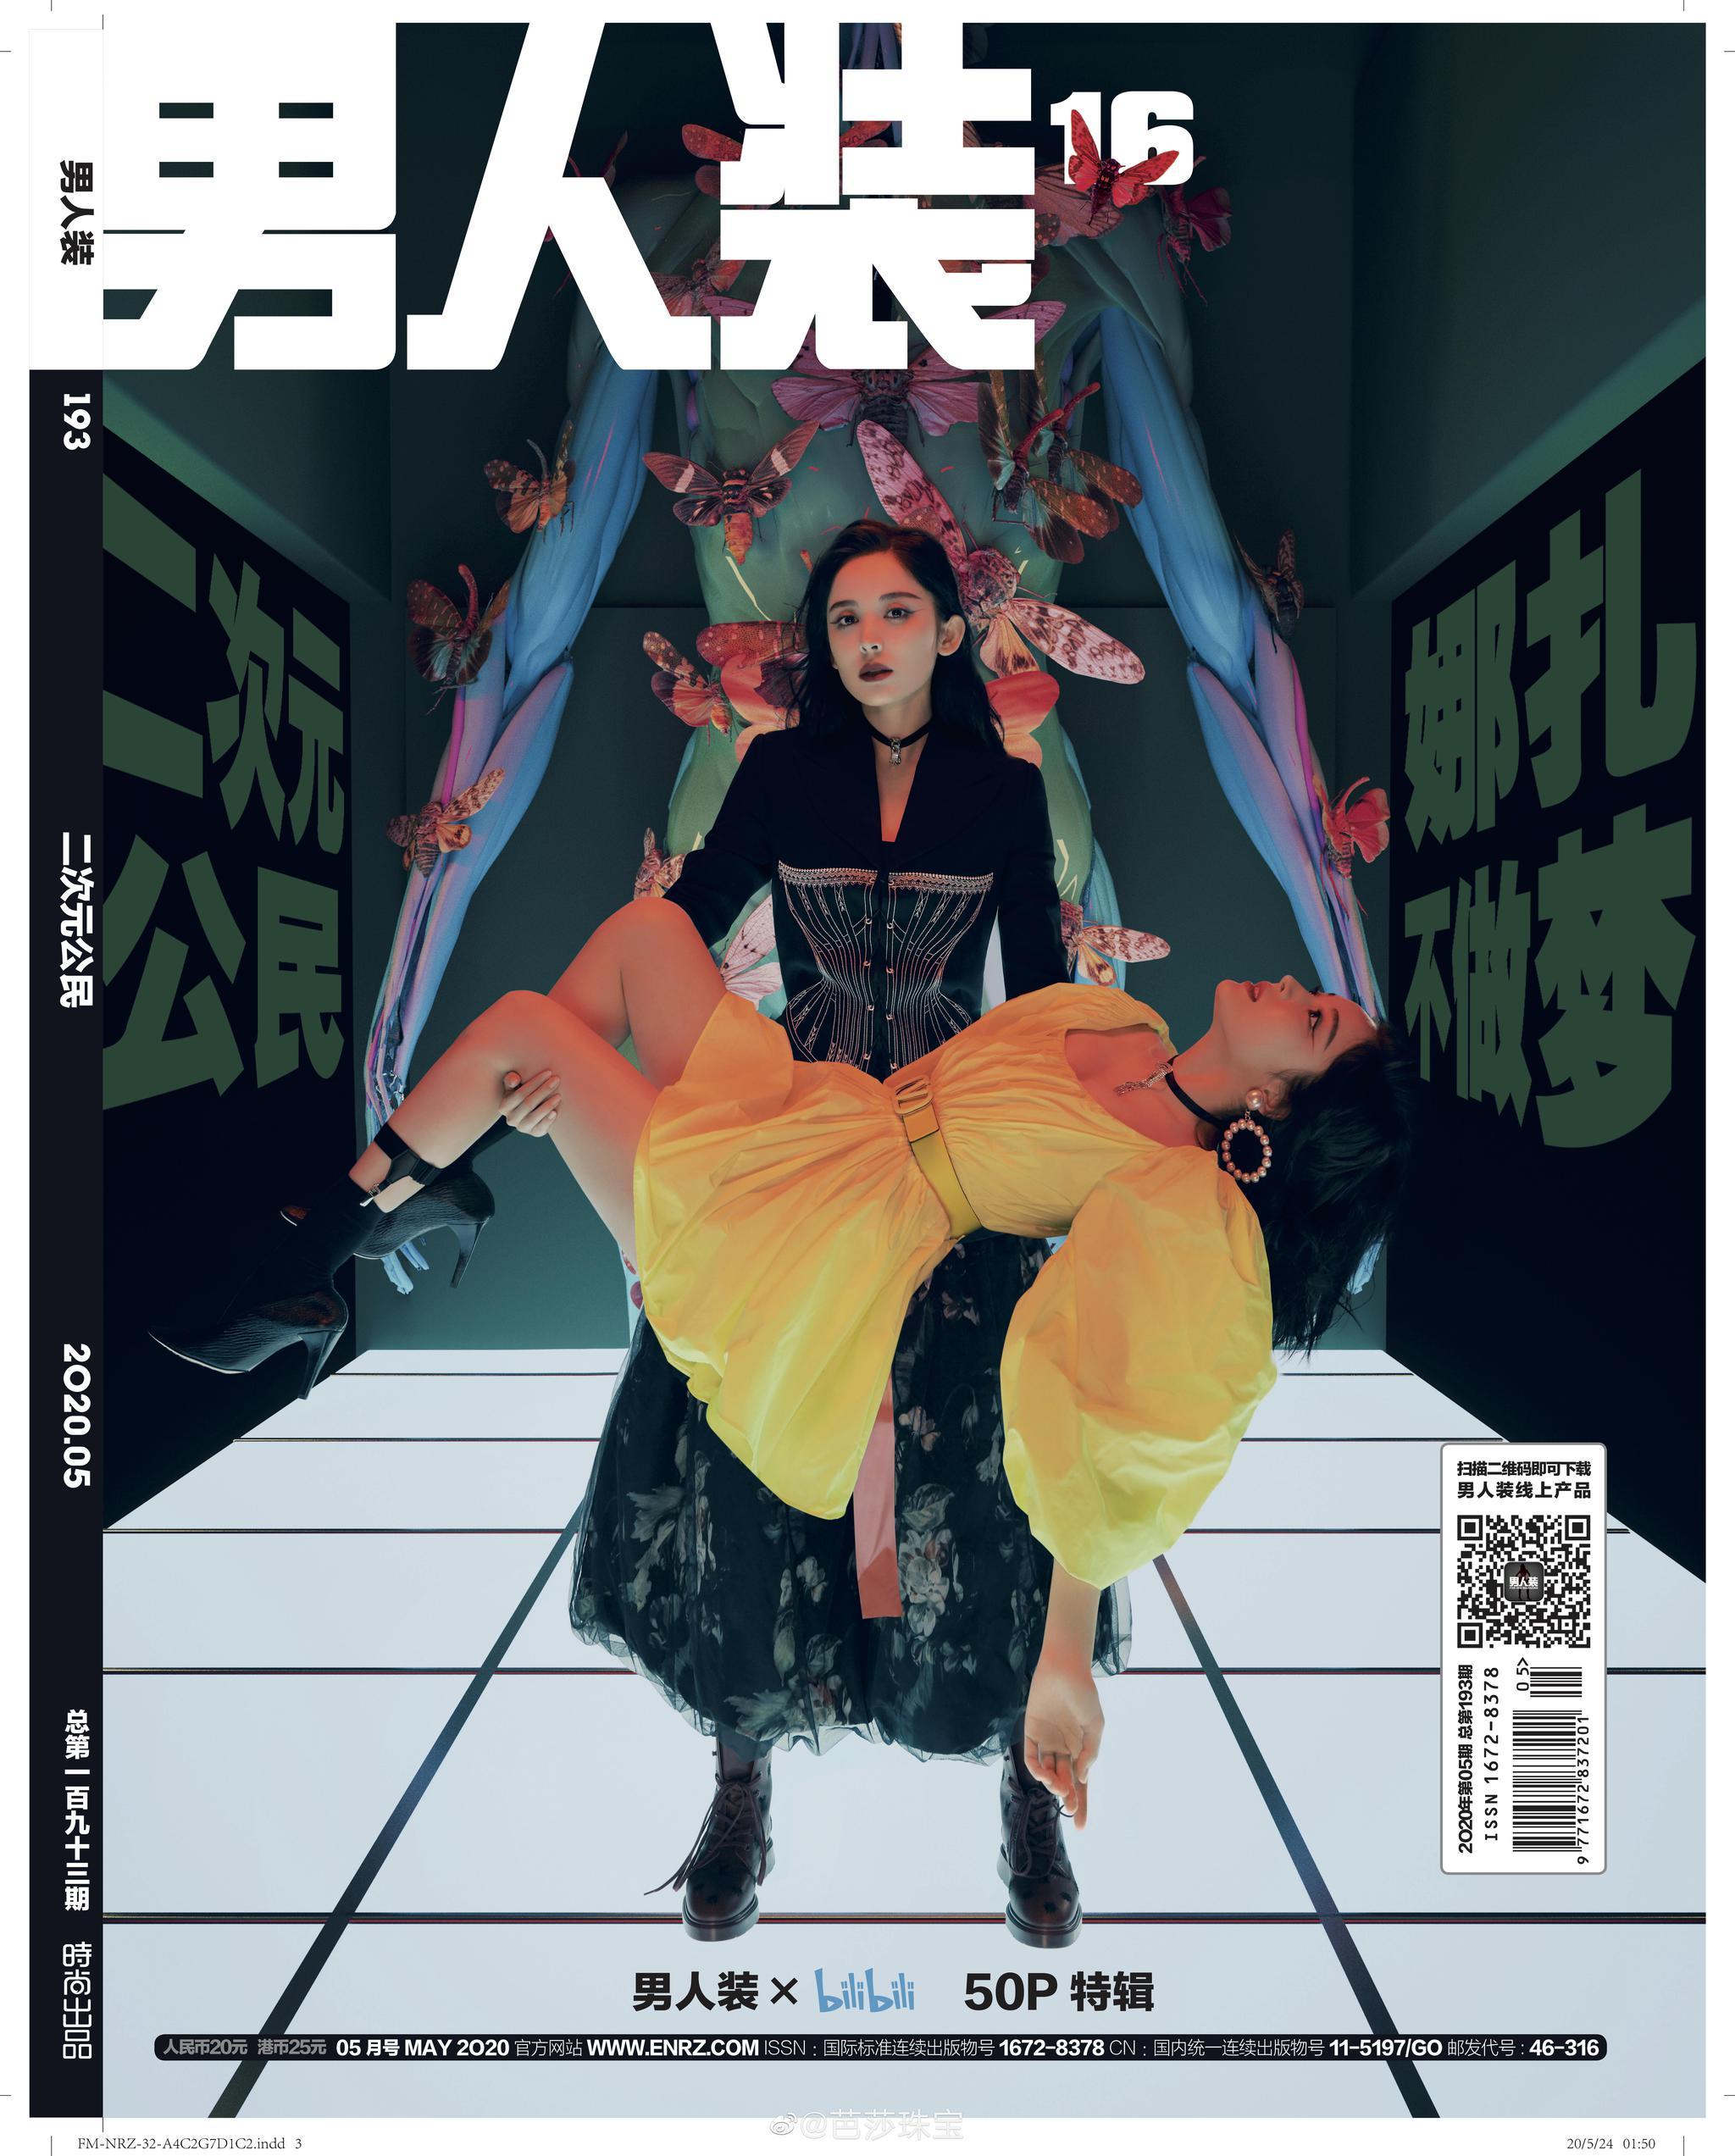 男人装16周年改版首刊封面人物@我是娜扎 ,二次元的入口已经开启